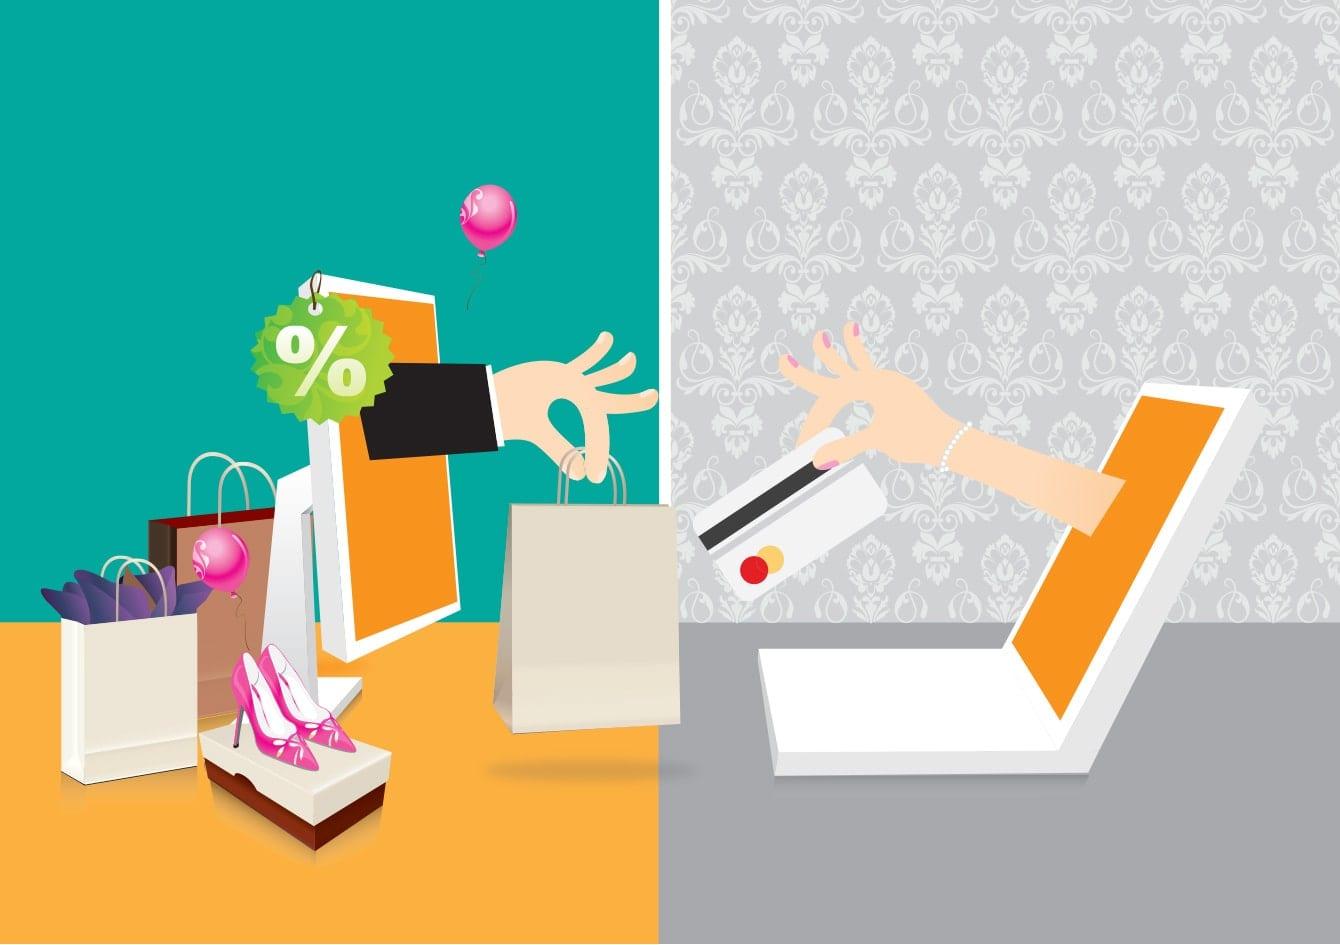 ¿Cómo mejorar la experiencia de compra en línea para el negocio de la joyería?